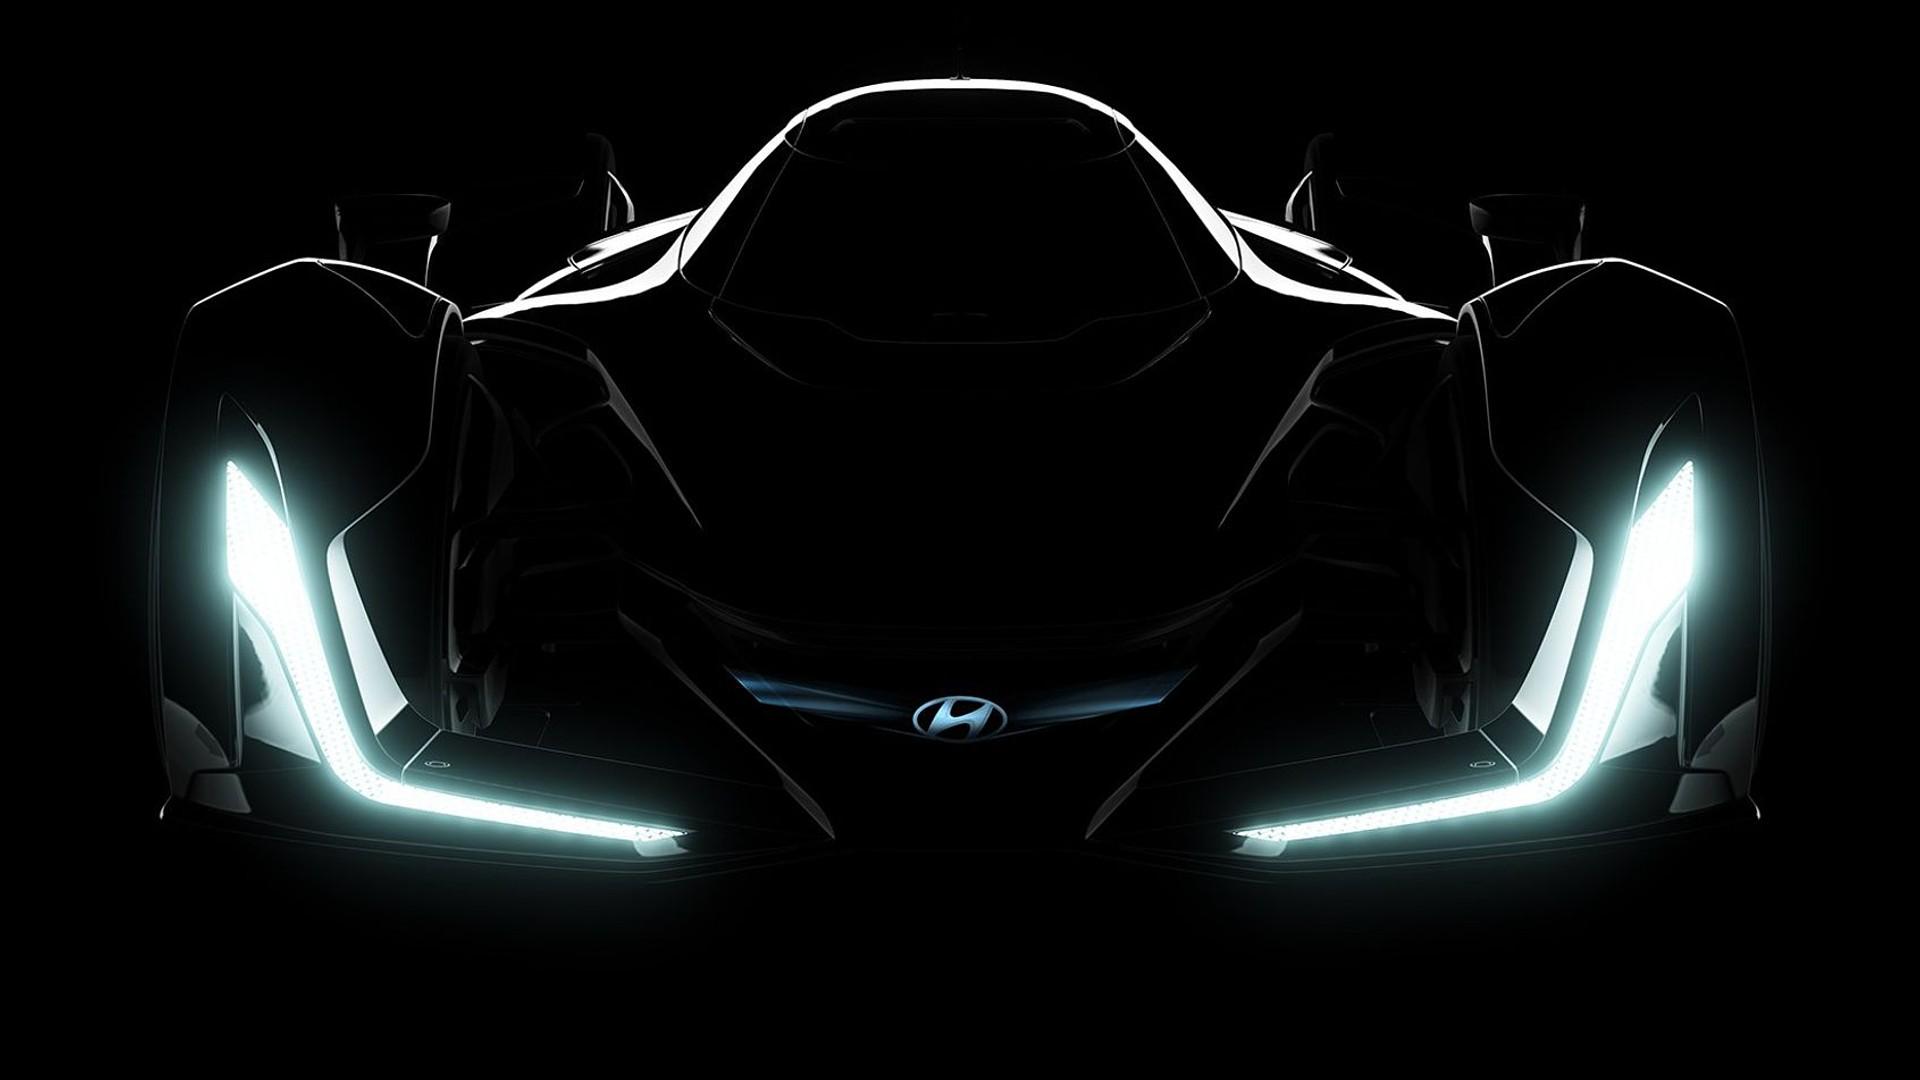 Η Hyundai ετοιμάζει σπορ μοντέλο που θα καίει υδρογόνο!